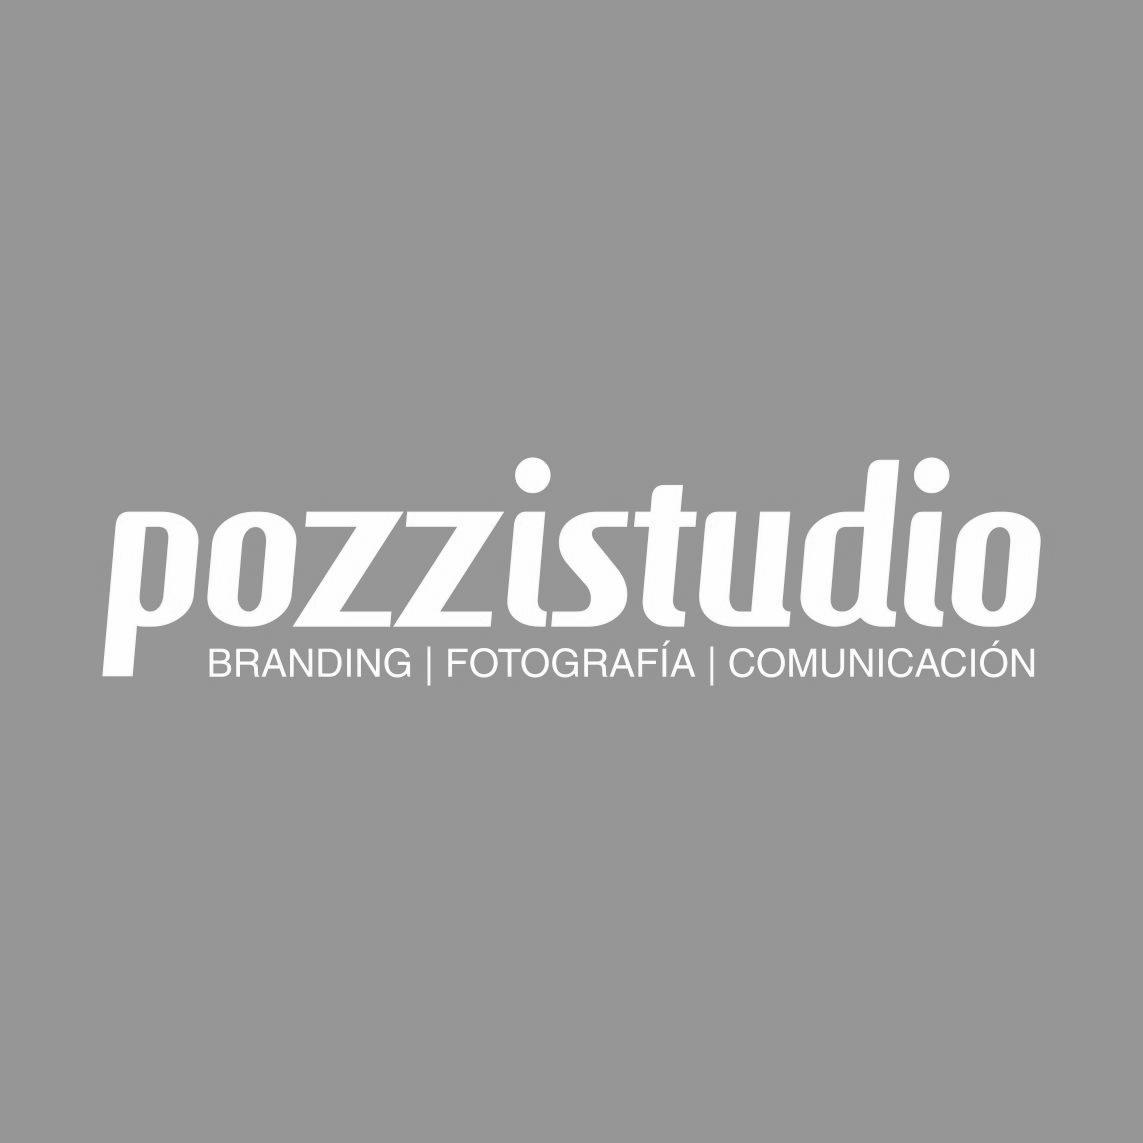 pozzistudio logo